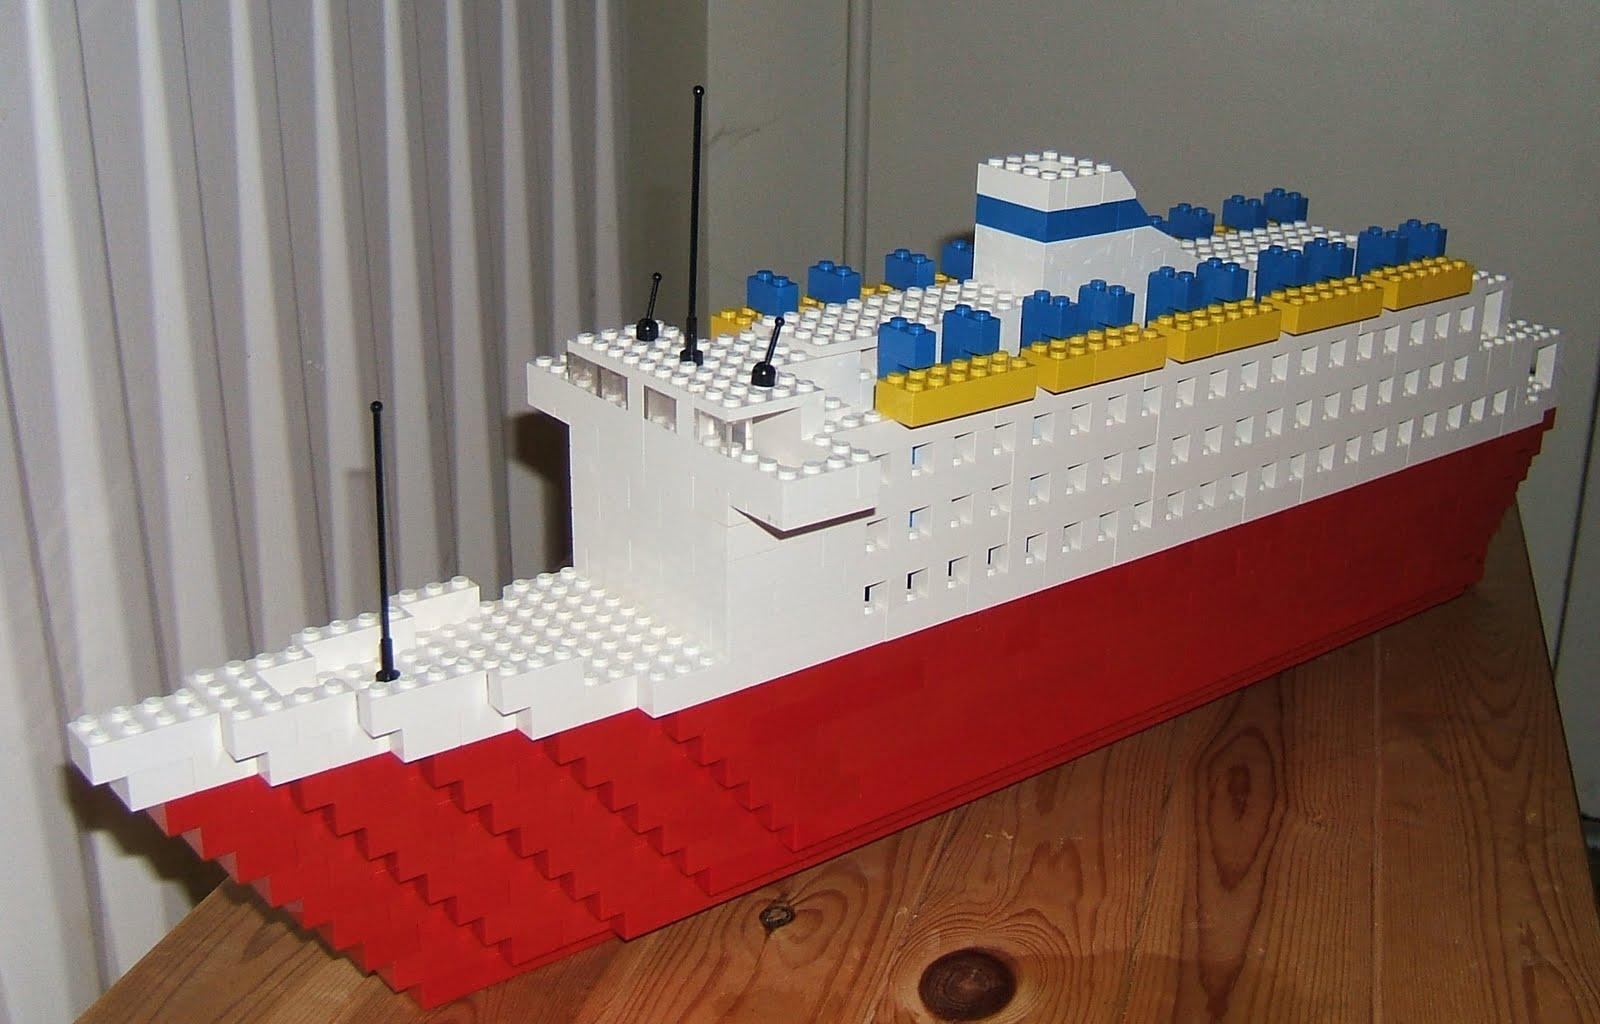 Как из лего сделать пароход